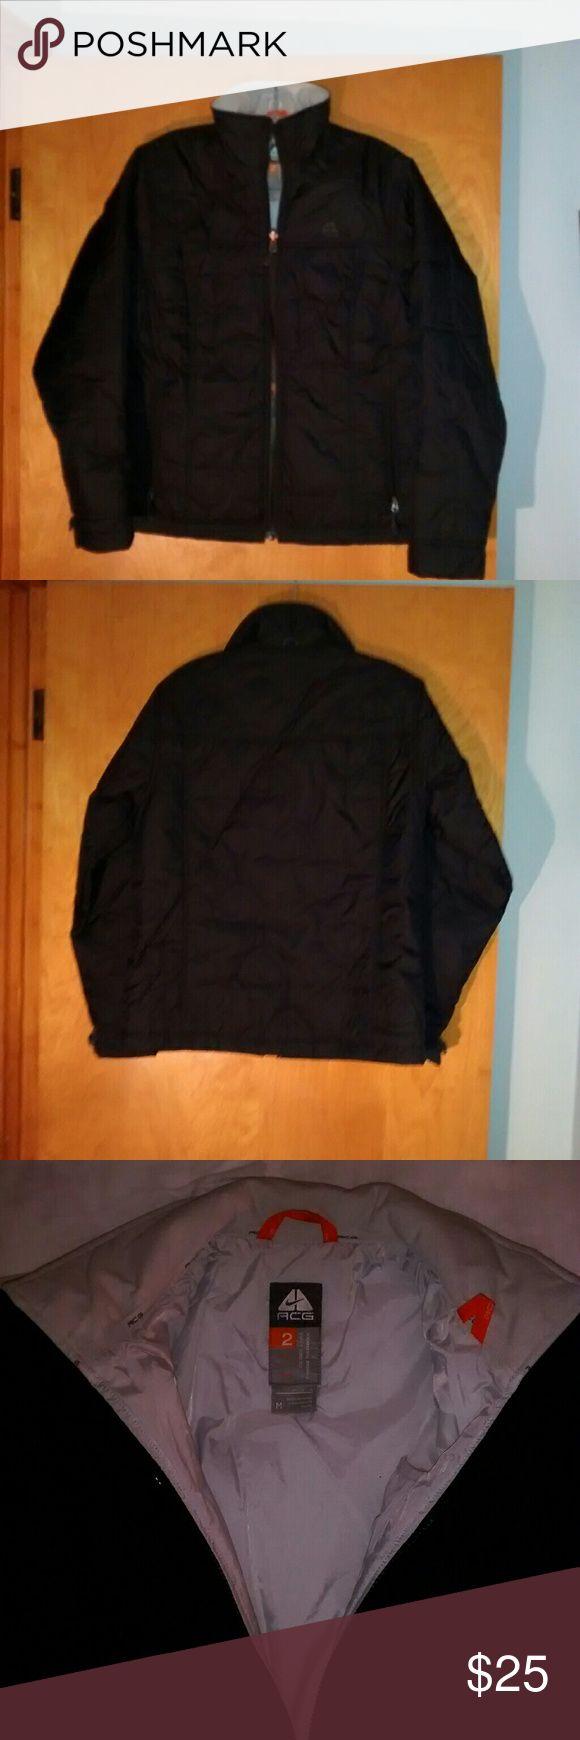 Nike ACG jacket Nike ACG black jacket looks like brand new !!! Nike Jackets & Coats